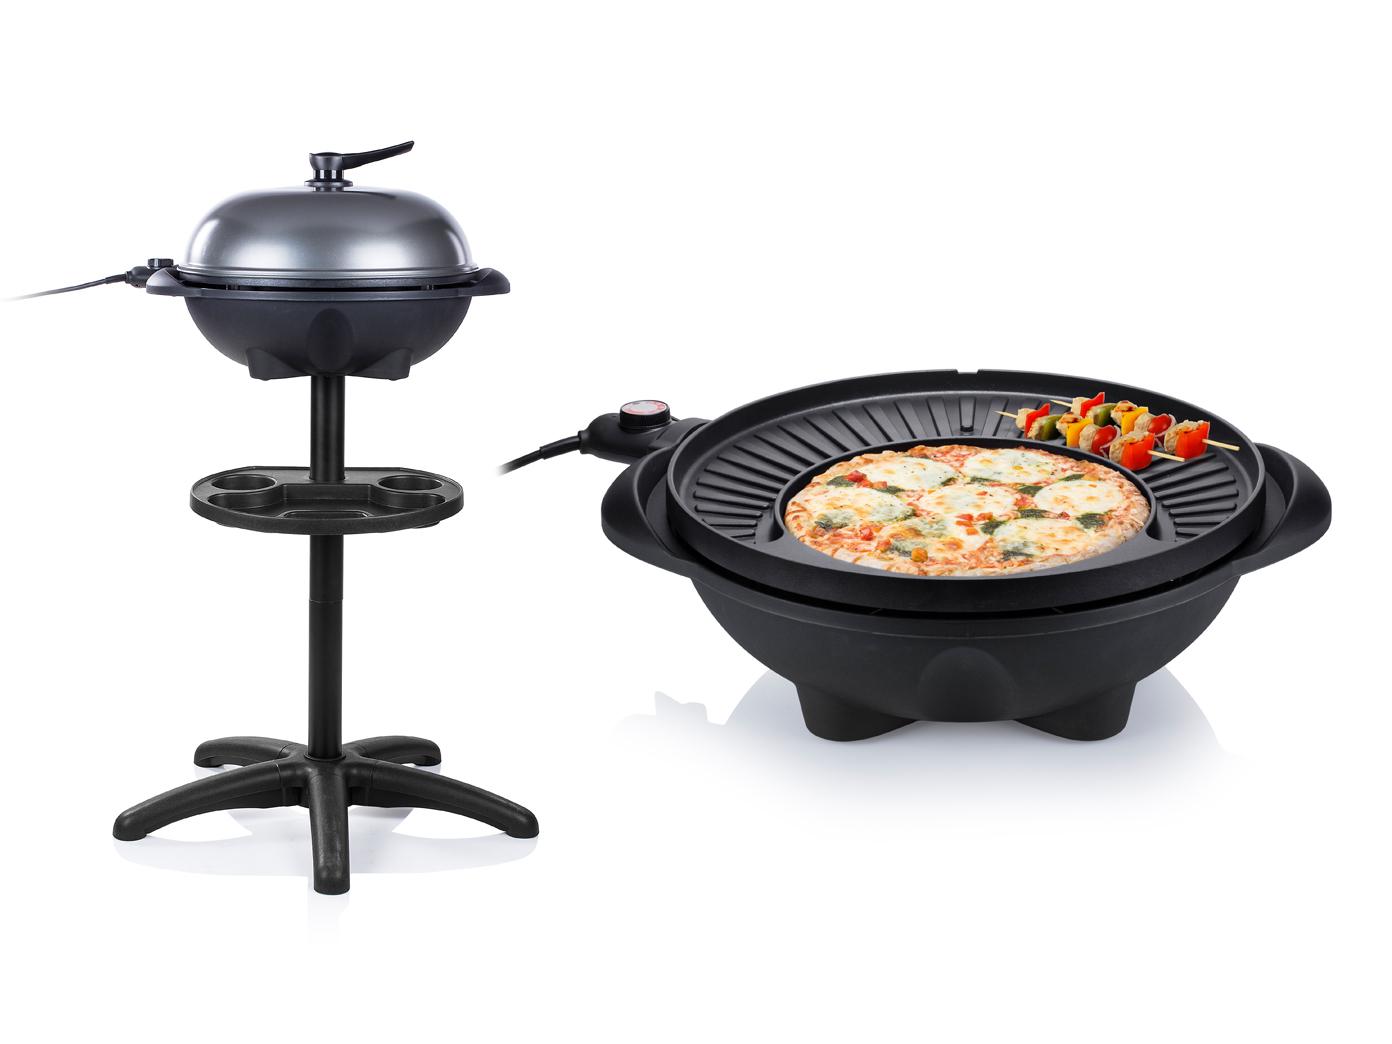 Test Elektrogrill Mit Deckel : Grill elektro mit deckel test vergleich grill elektro mit deckel